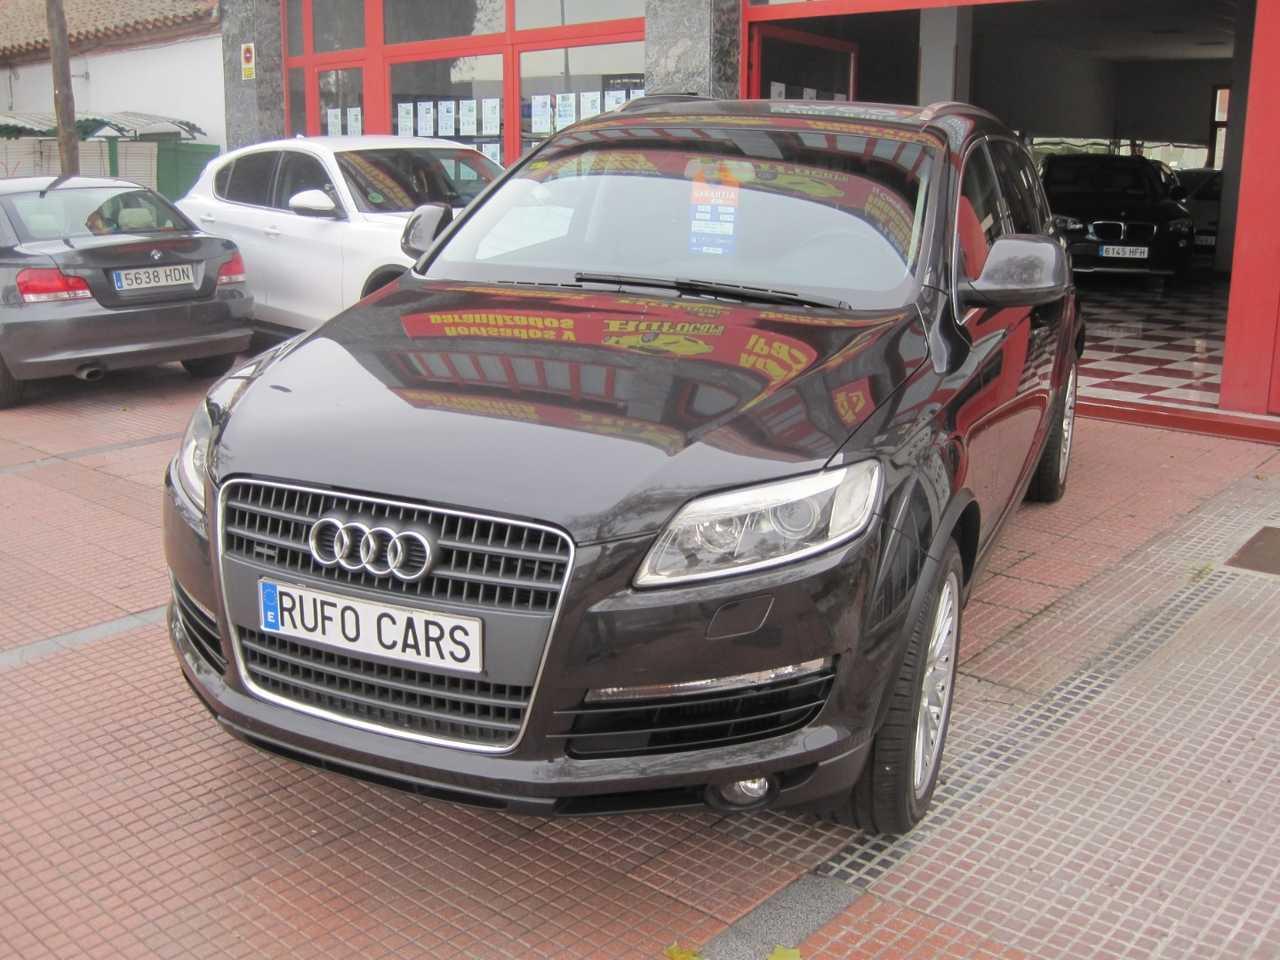 Audi Q7 4.2 QUATTRO 326CV   - Foto 1